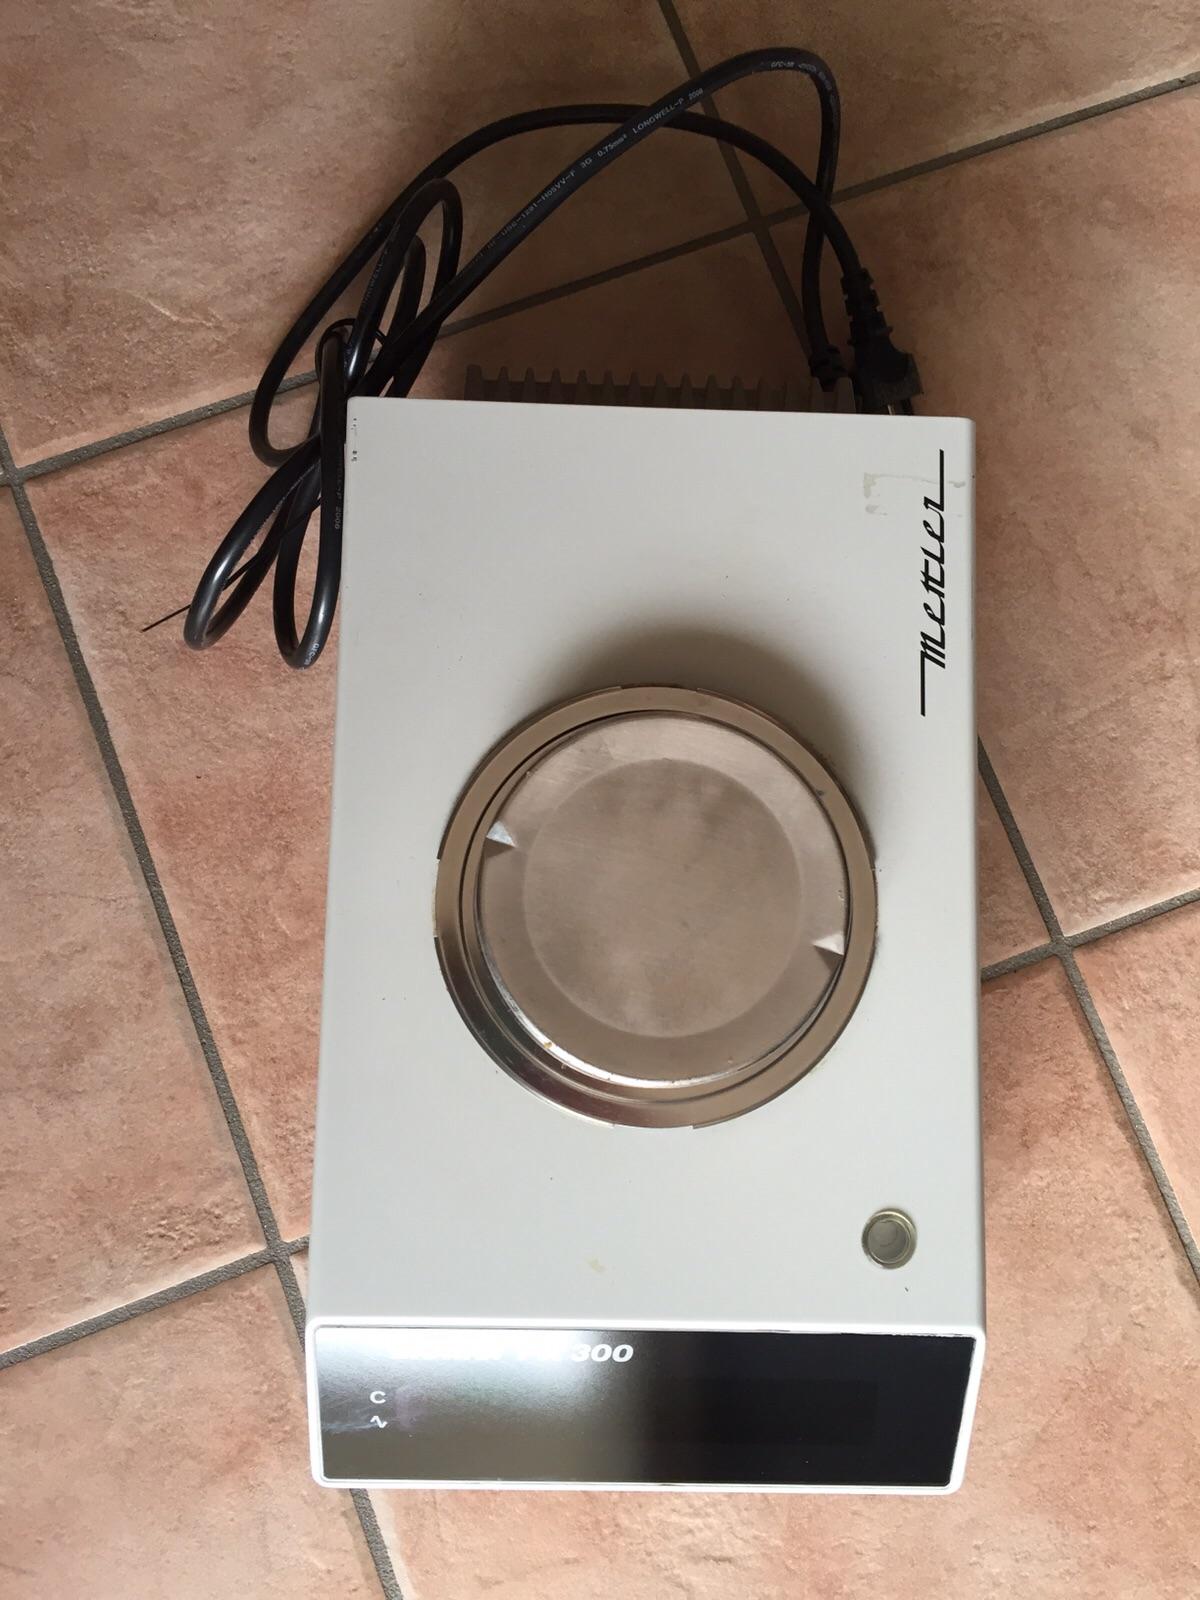 BILANCIA DA BANCO METTLER – MOD. PK300 (BIL-35) in vendita - foto 2